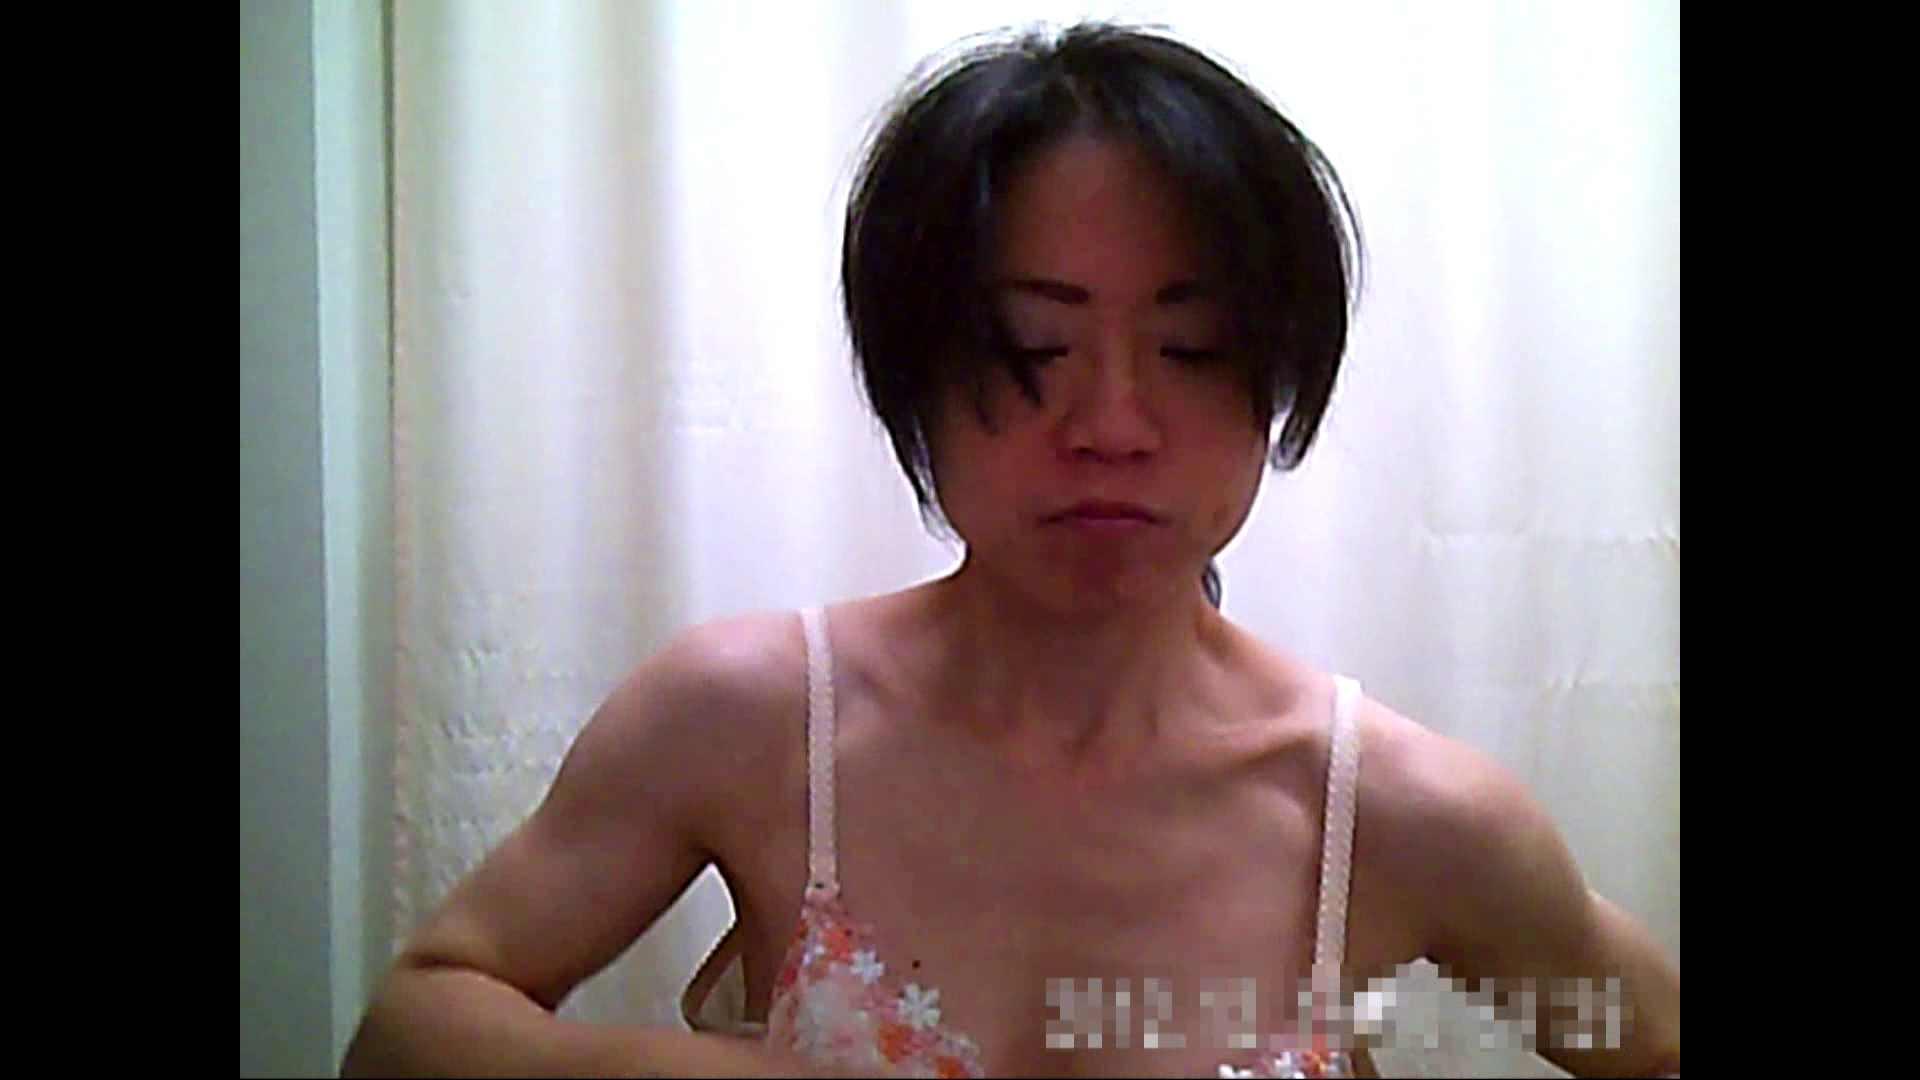 元医者による反抗 更衣室地獄絵巻 vol.117 色っぽいOL達 | 0  63pic 3